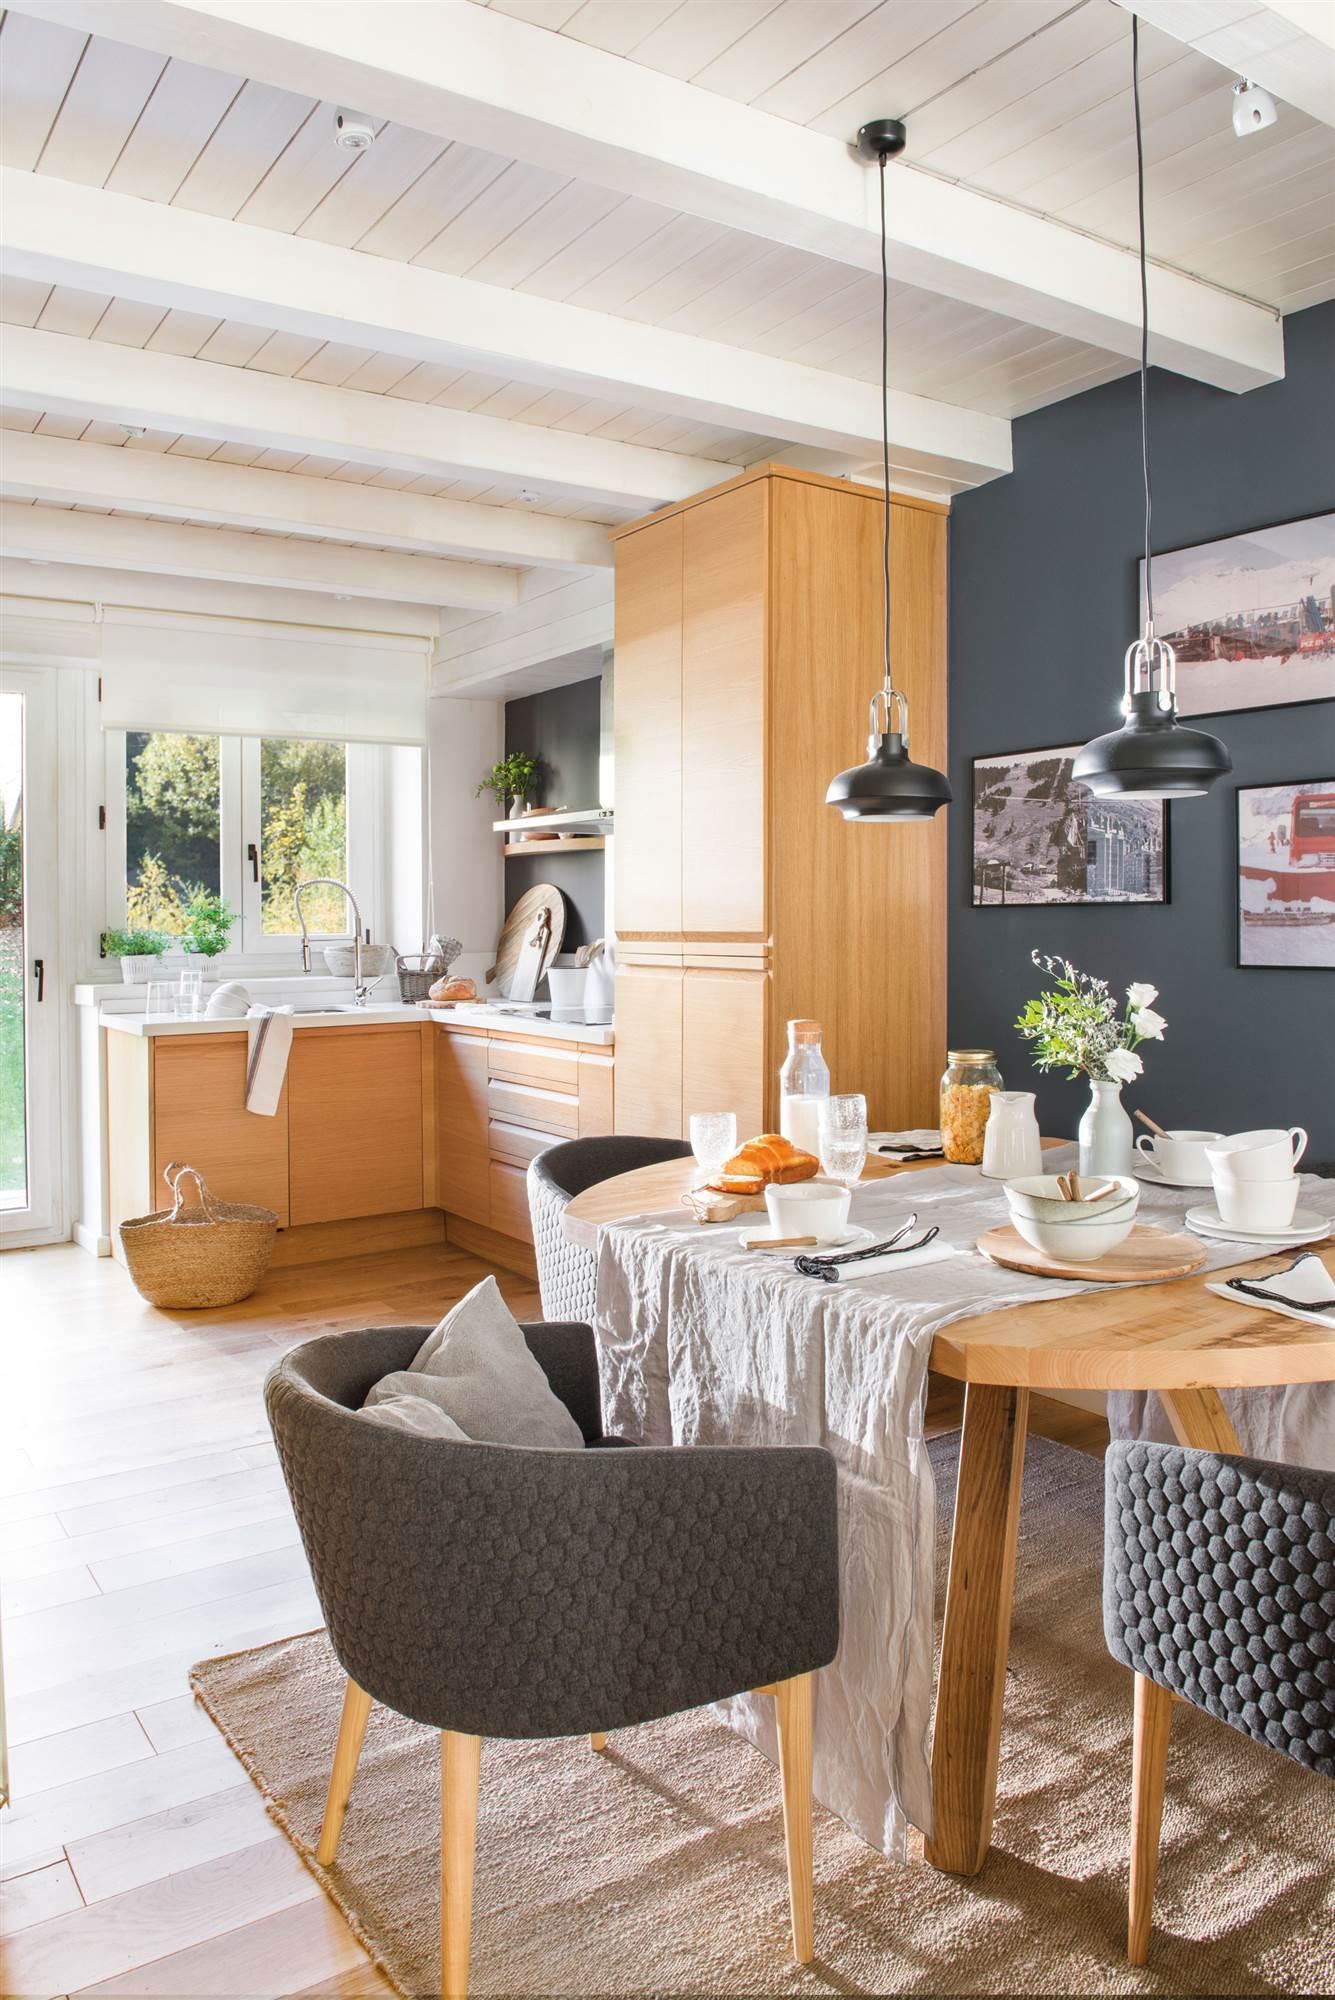 00472456. Cocina comedor con pared azul oscuro y muebles de madera 00472456